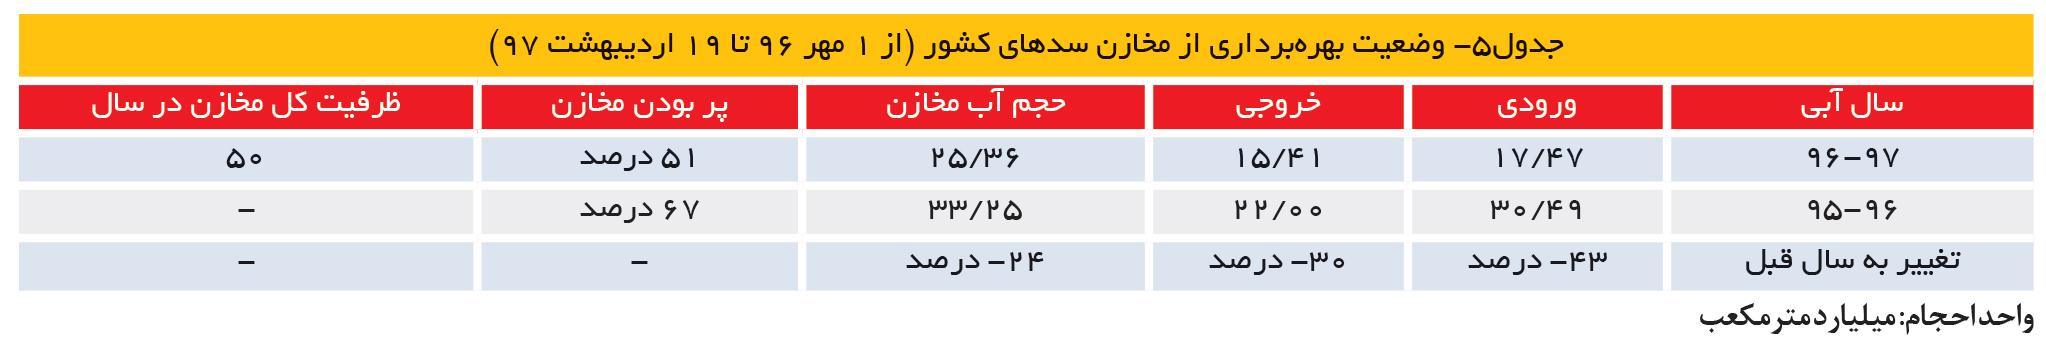 تجارت- فردا- جدول5- وضعیت بهرهبرداری از مخازن سدهای کشور (از 1 مهر 96 تا 19 اردیبهشت 97)